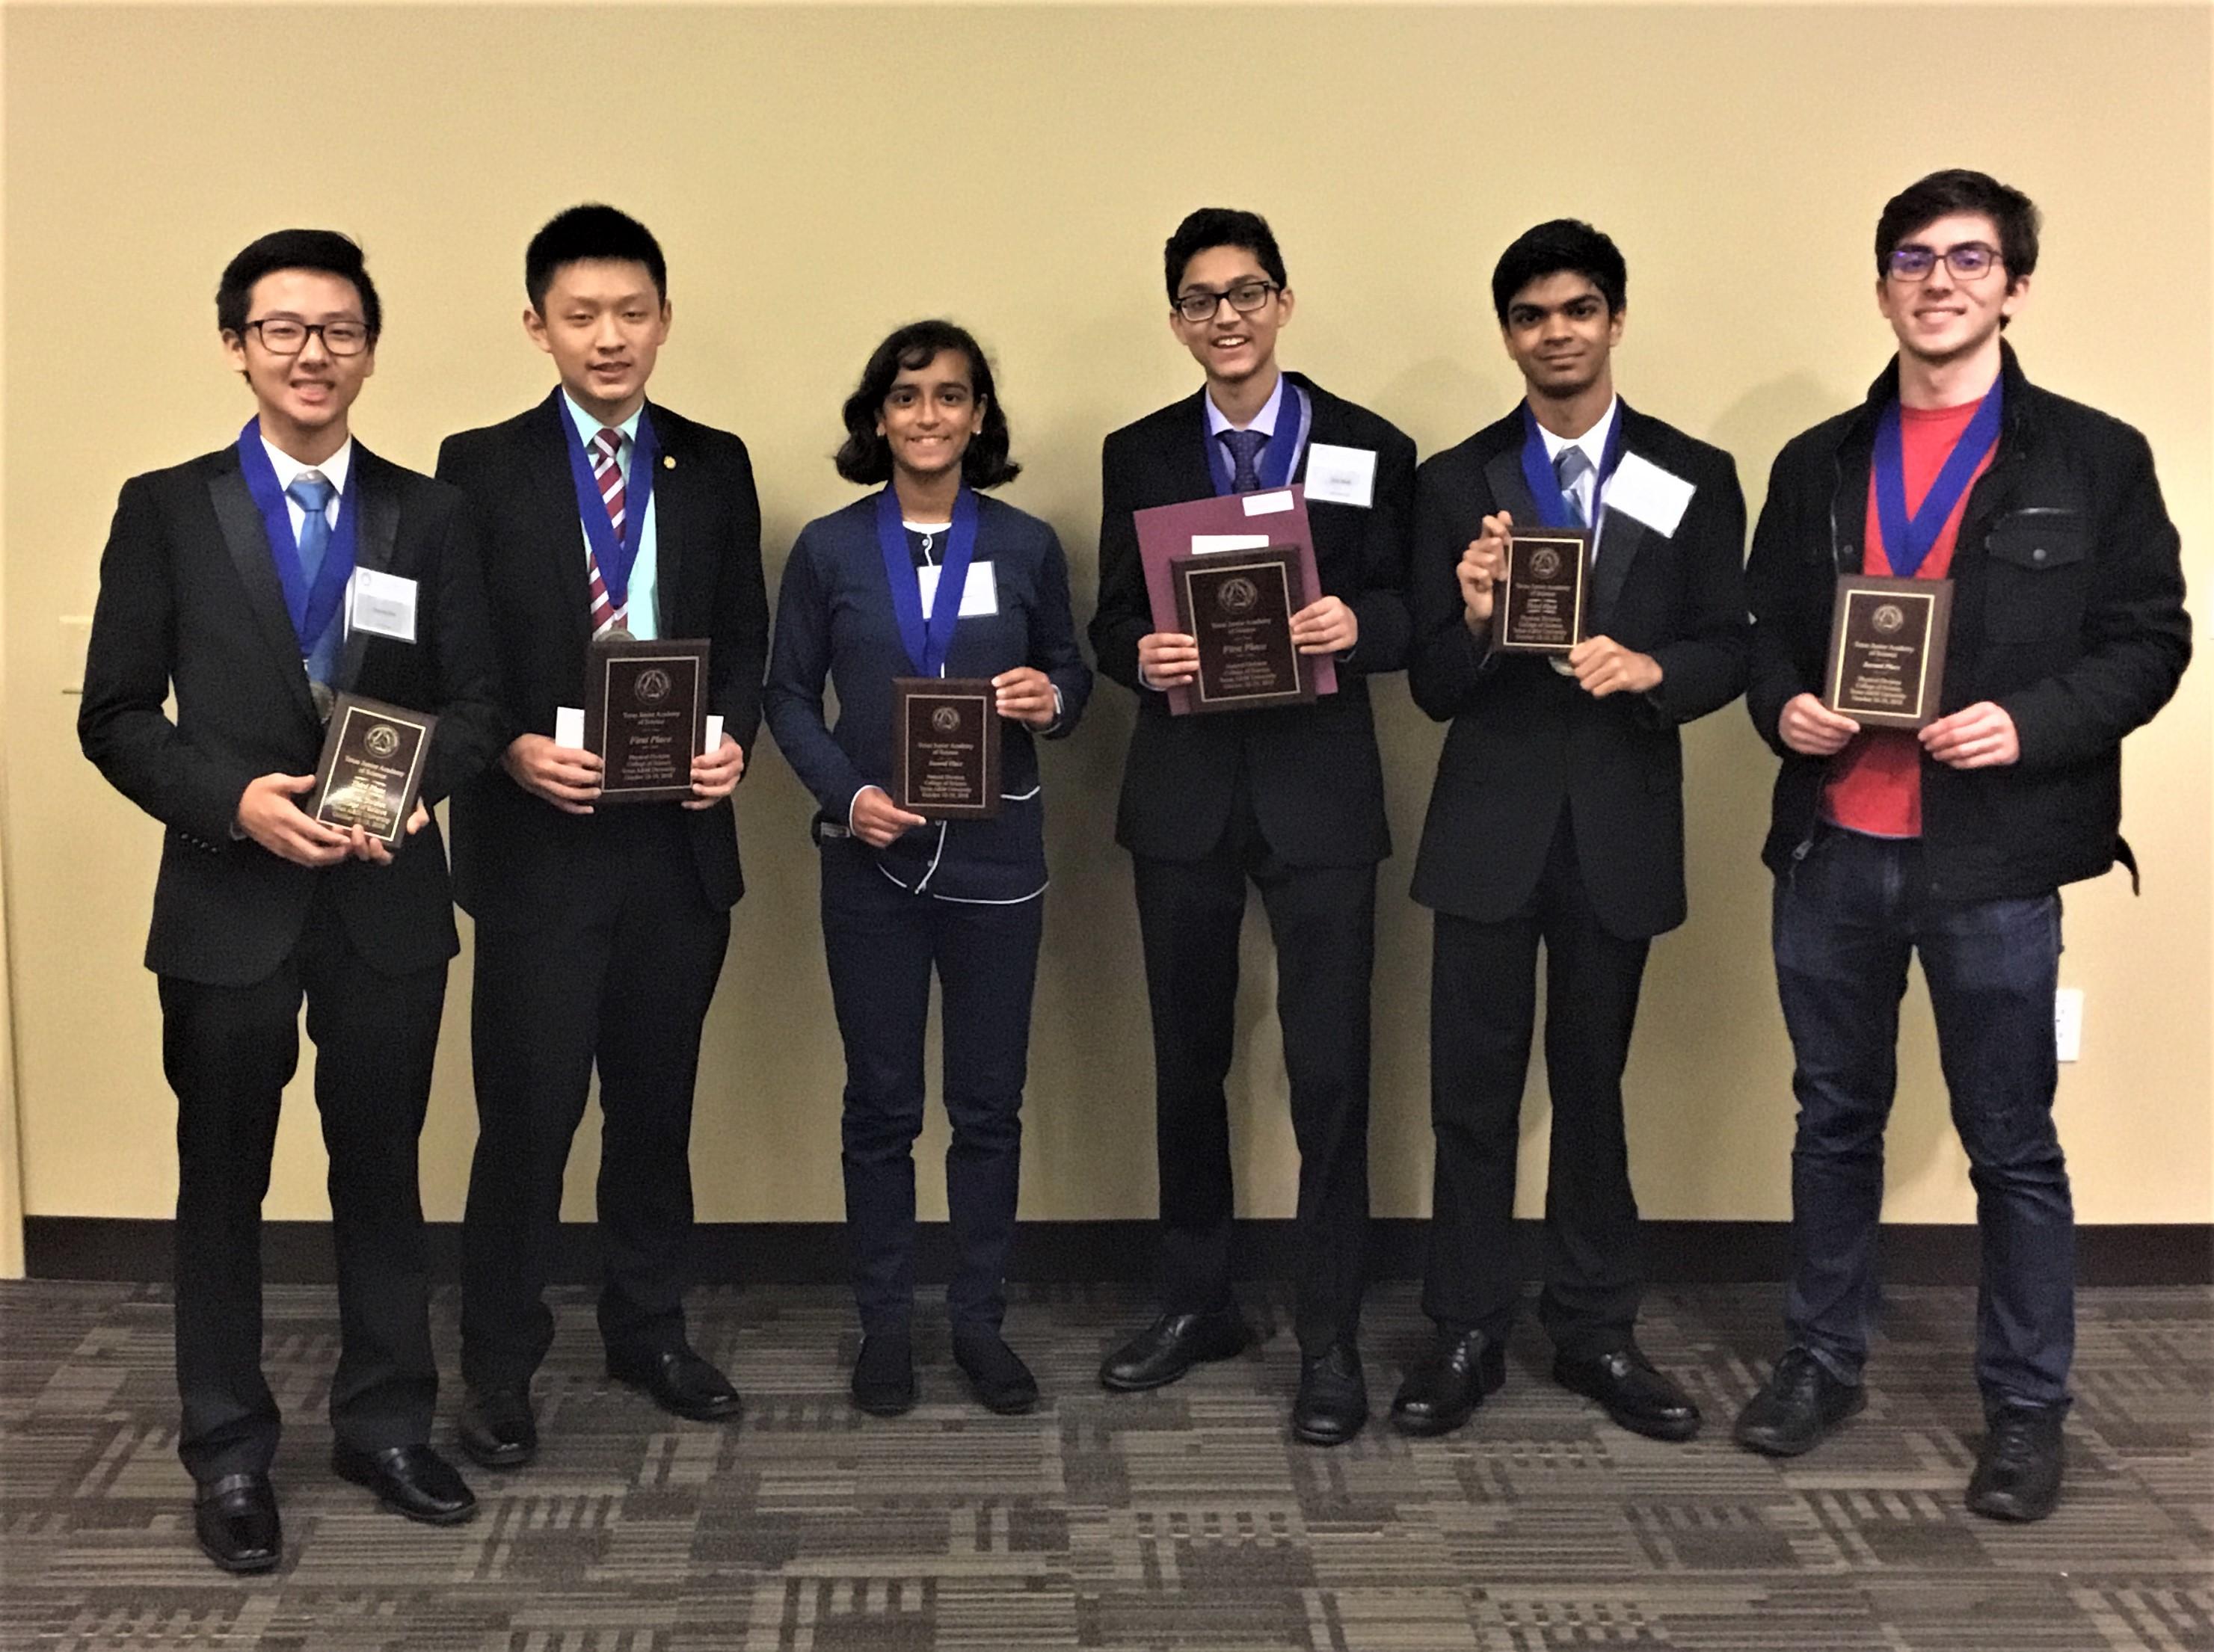 TJAS (6) Grand Prize Winning students